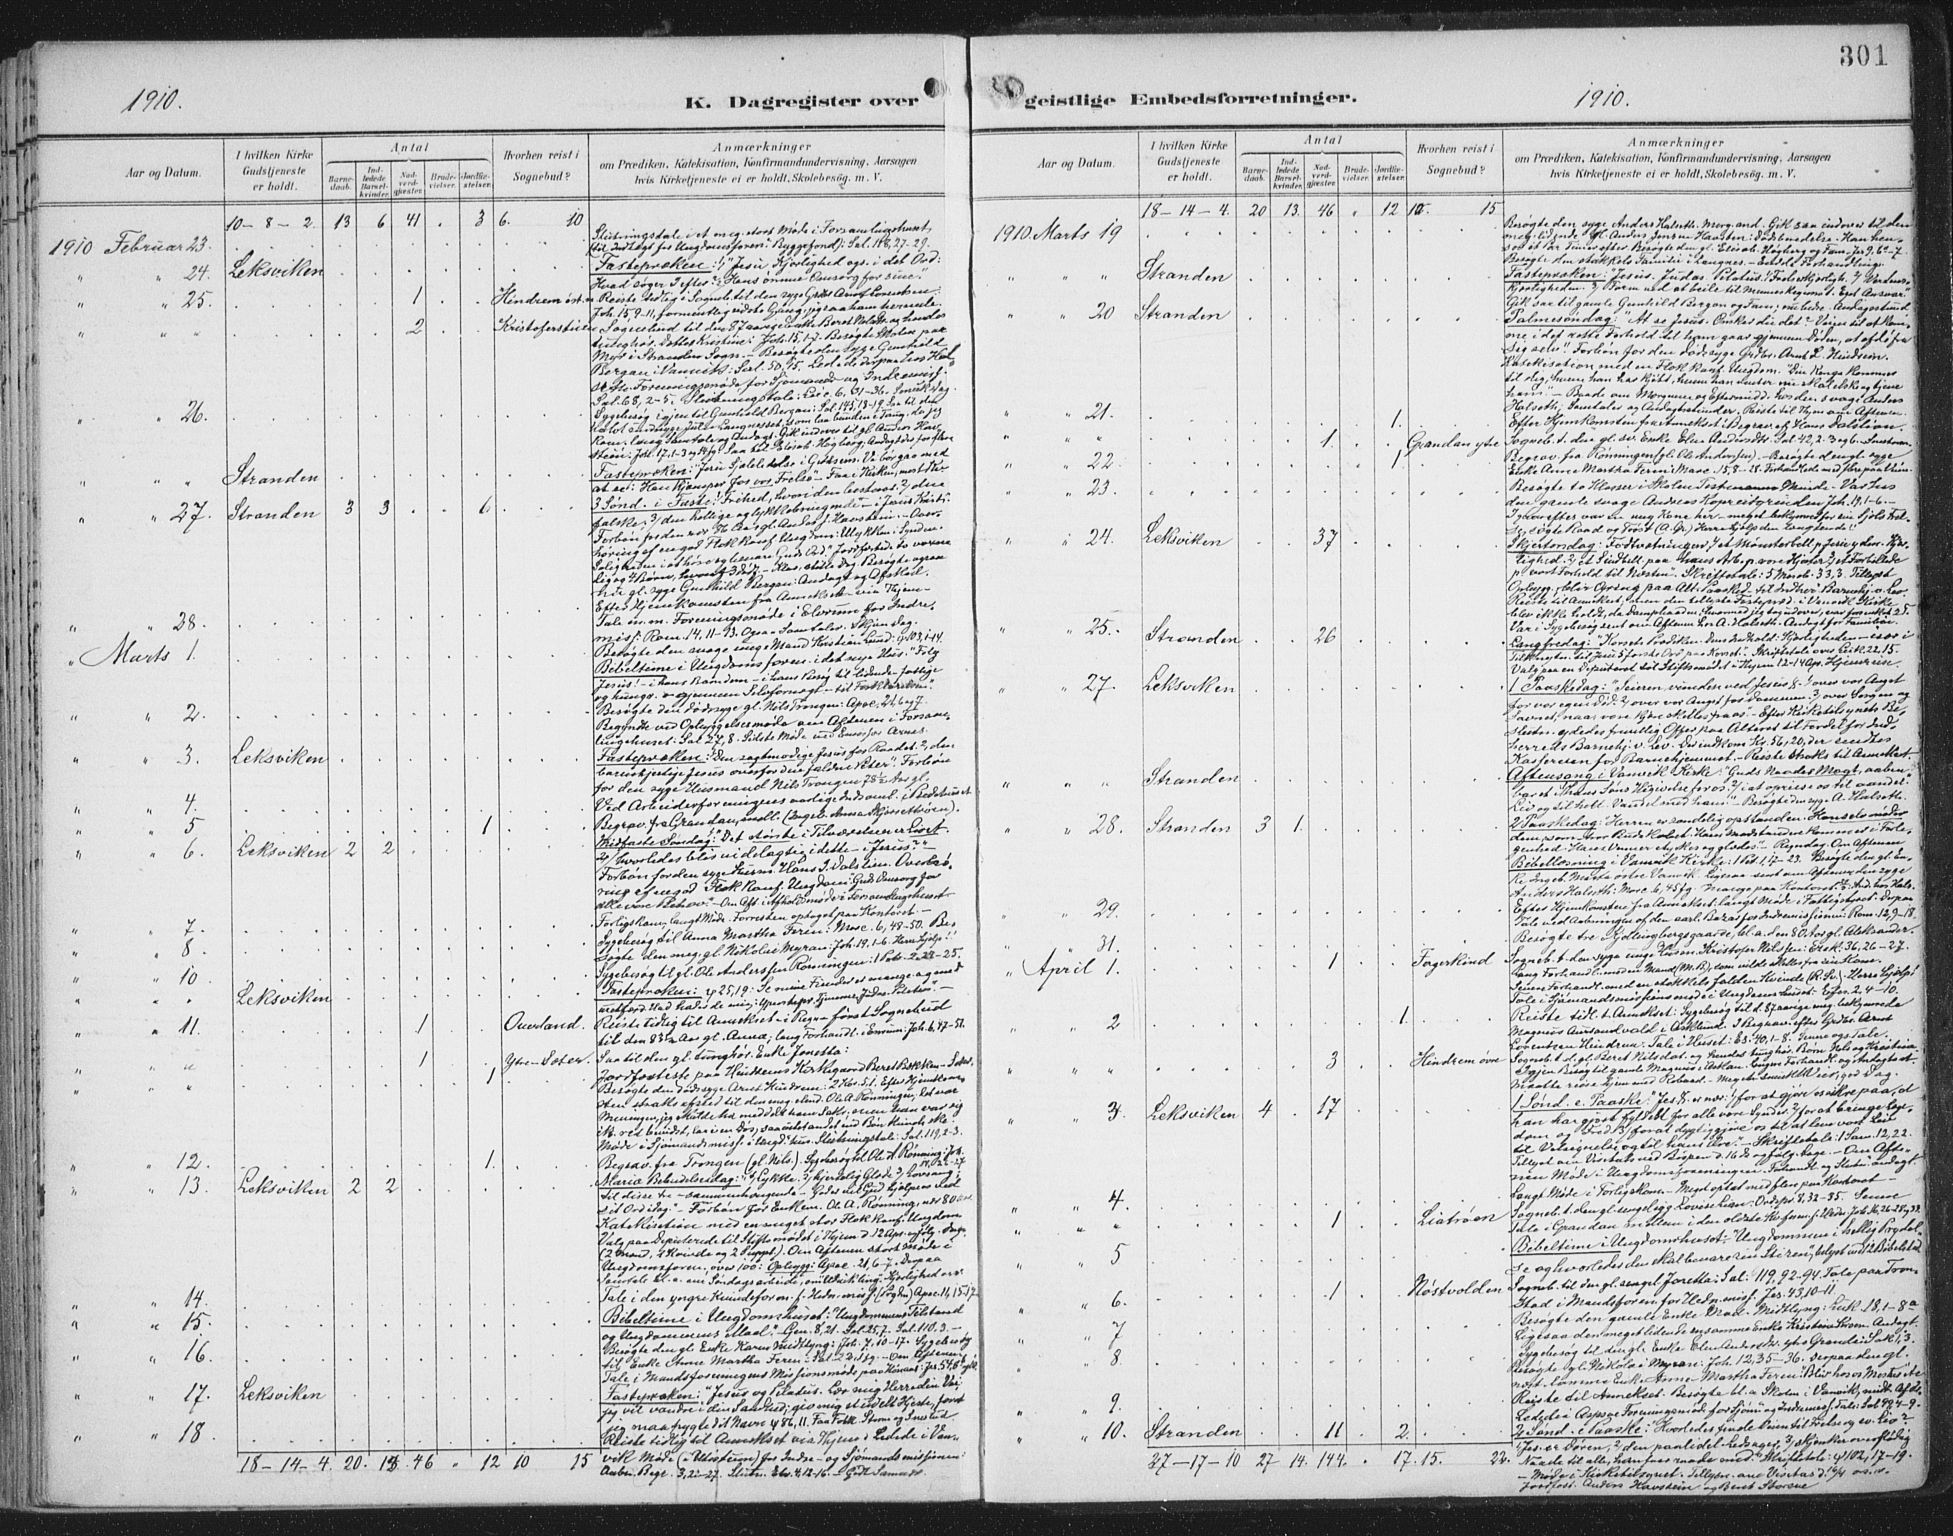 SAT, Ministerialprotokoller, klokkerbøker og fødselsregistre - Nord-Trøndelag, 701/L0011: Ministerialbok nr. 701A11, 1899-1915, s. 301